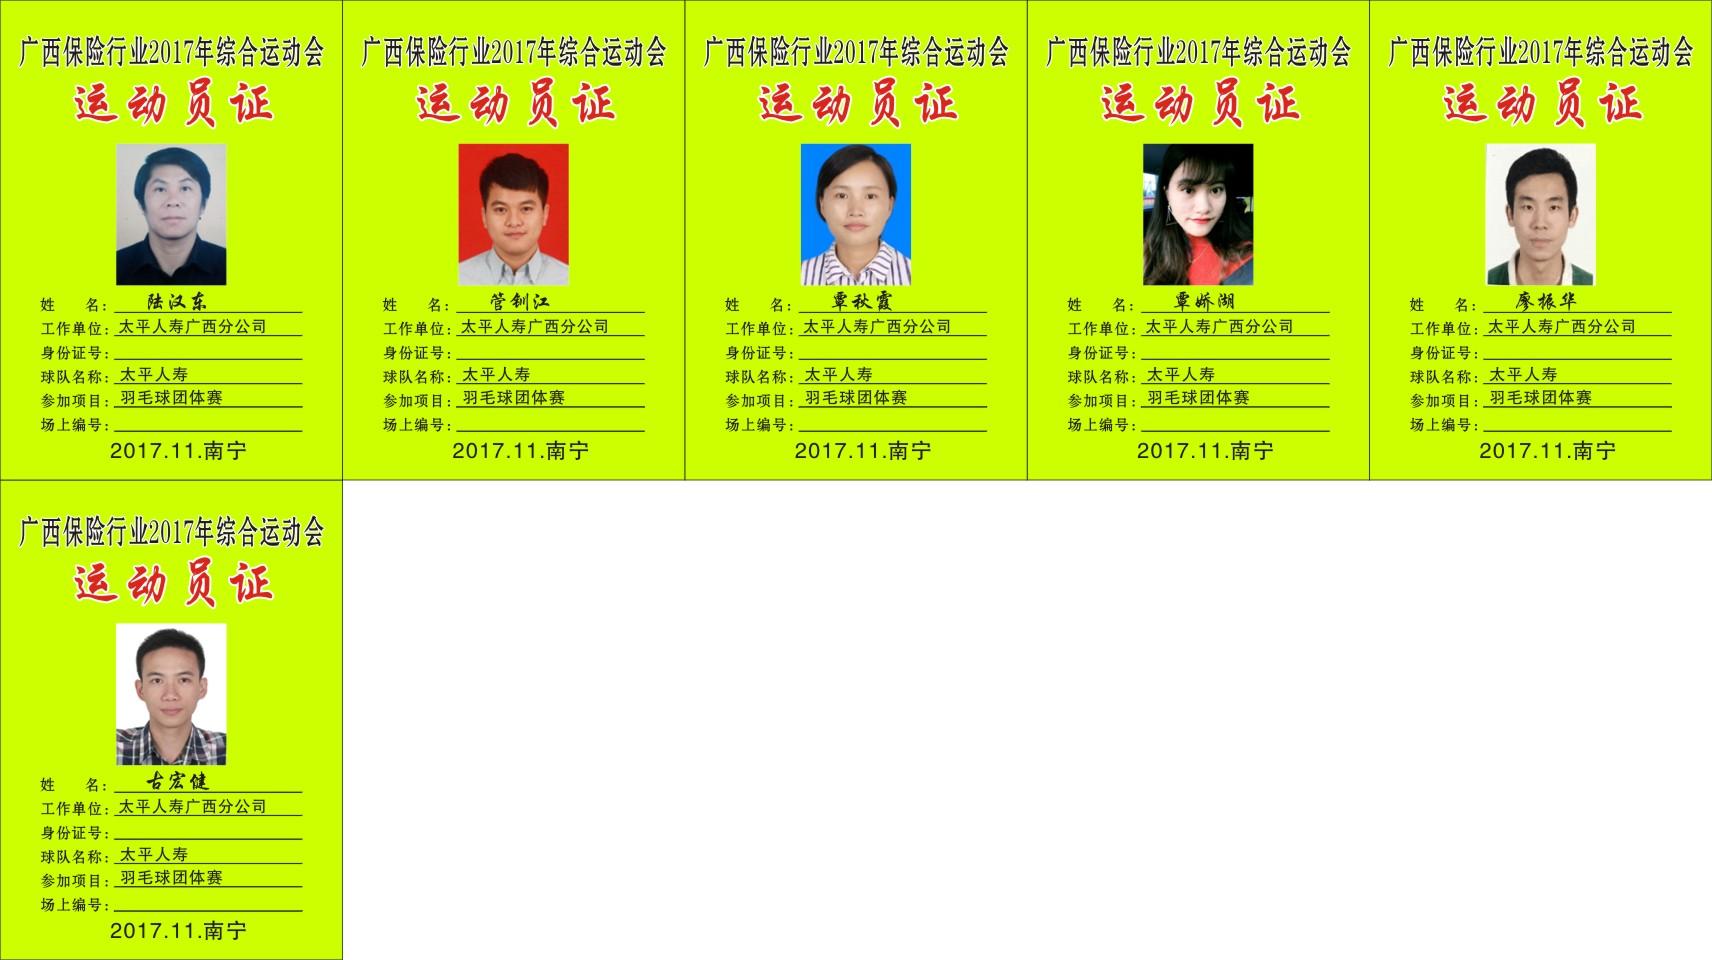 7太平人寿广西分公司.jpg